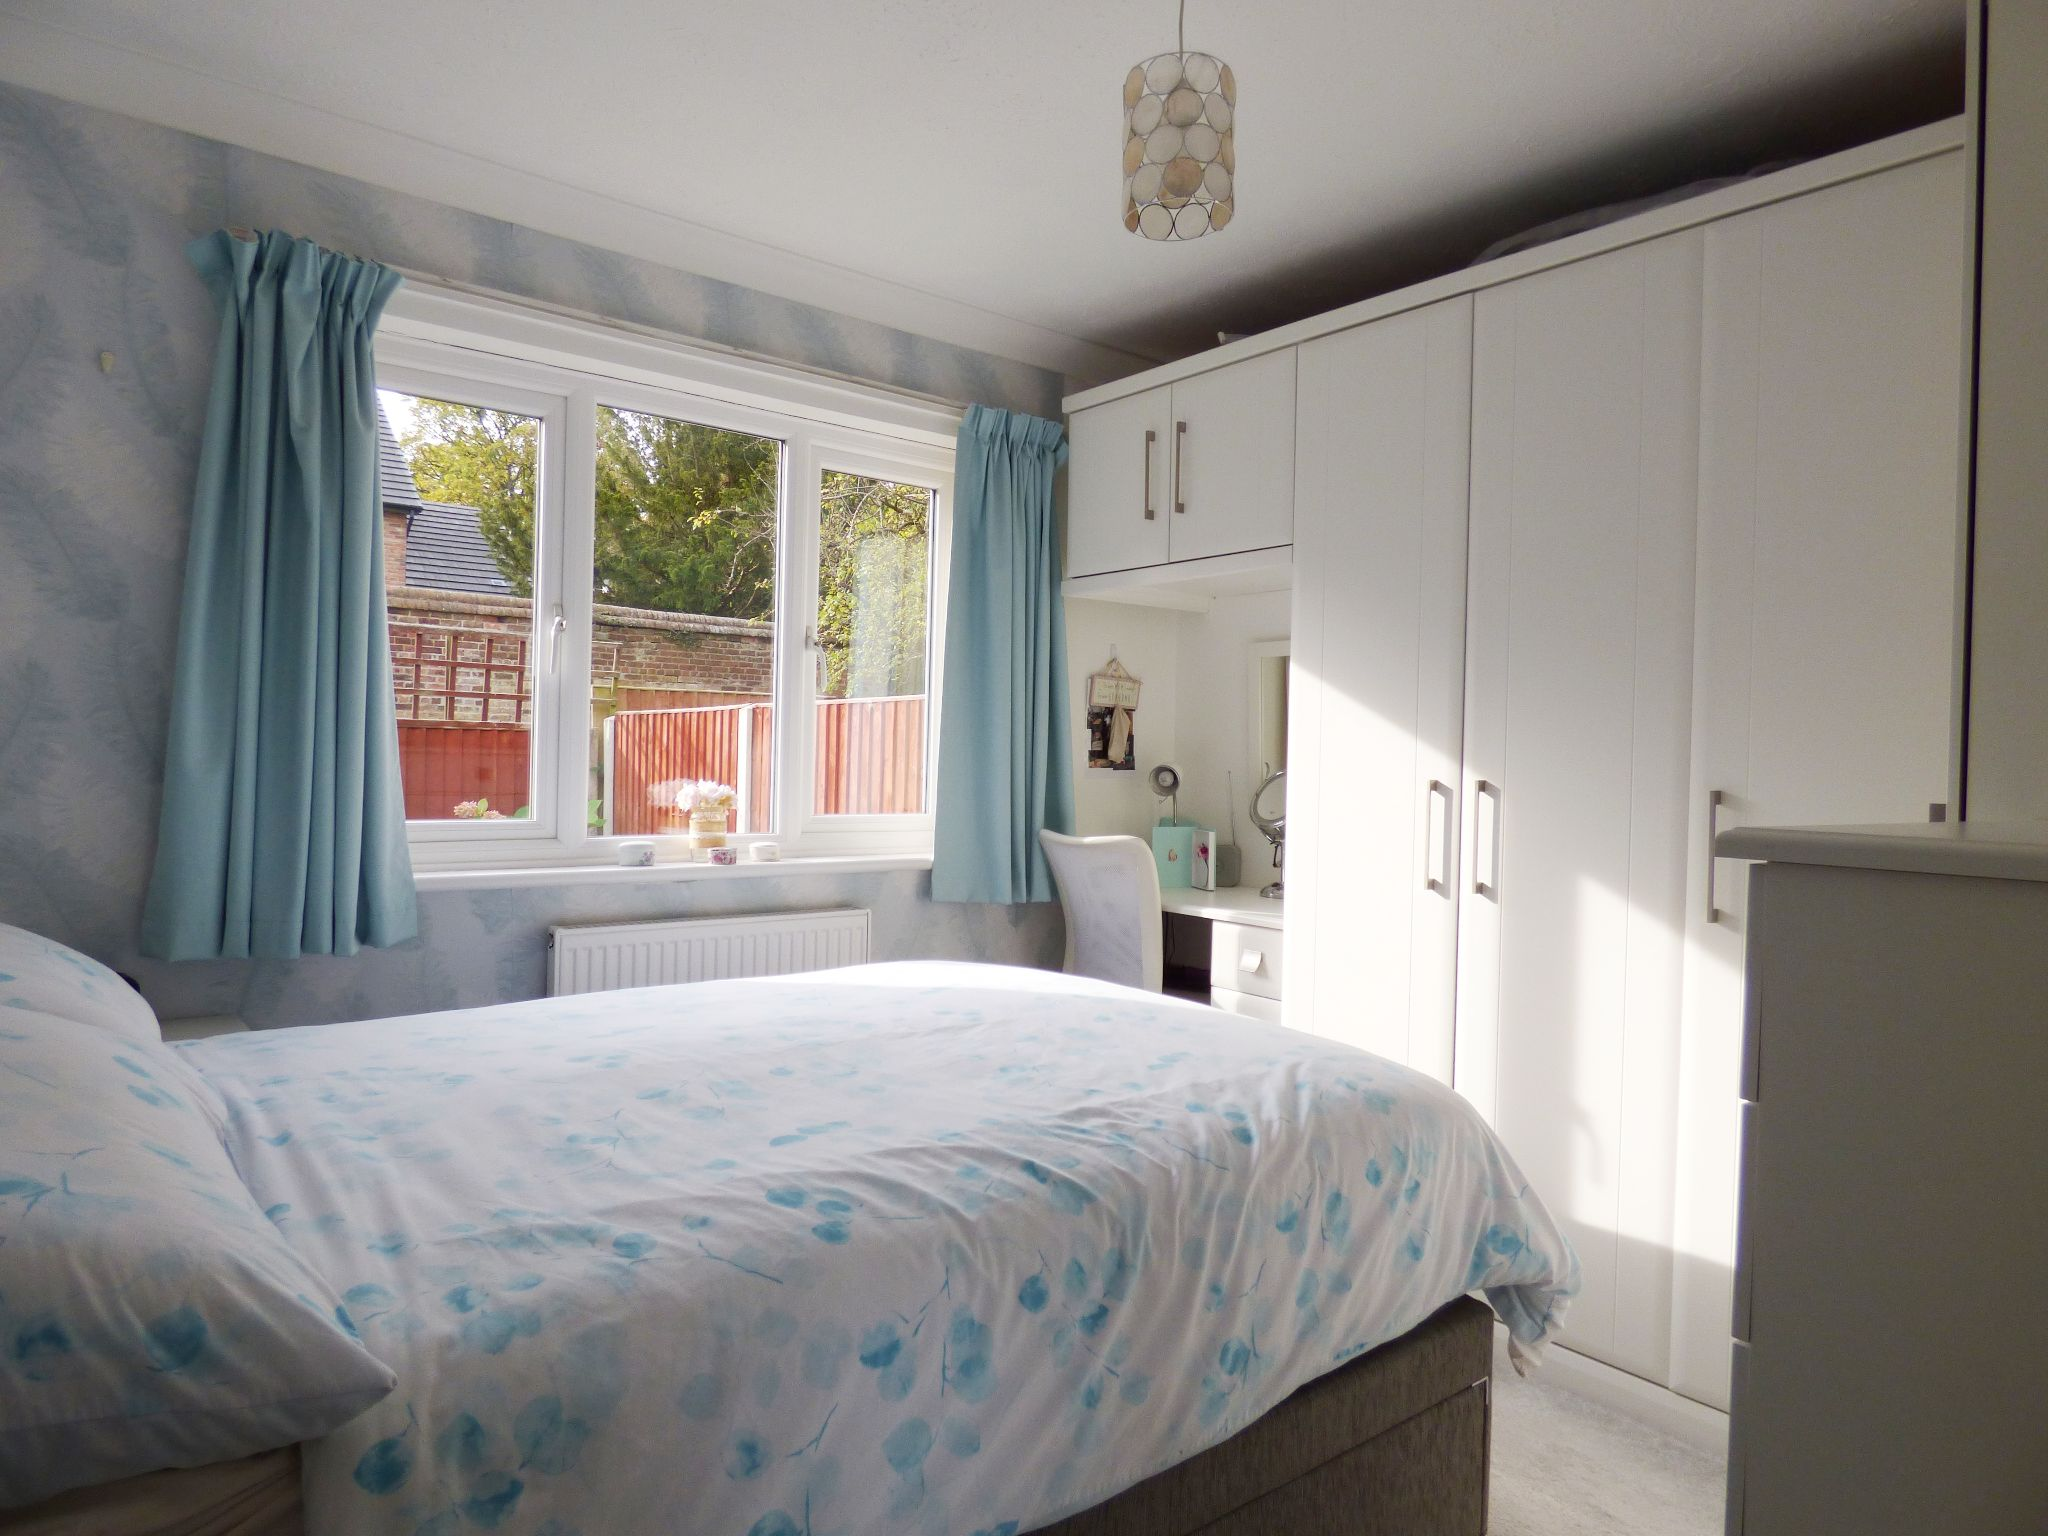 2 Bedroom Semi-detached Bungalow For Sale - Photograph 13